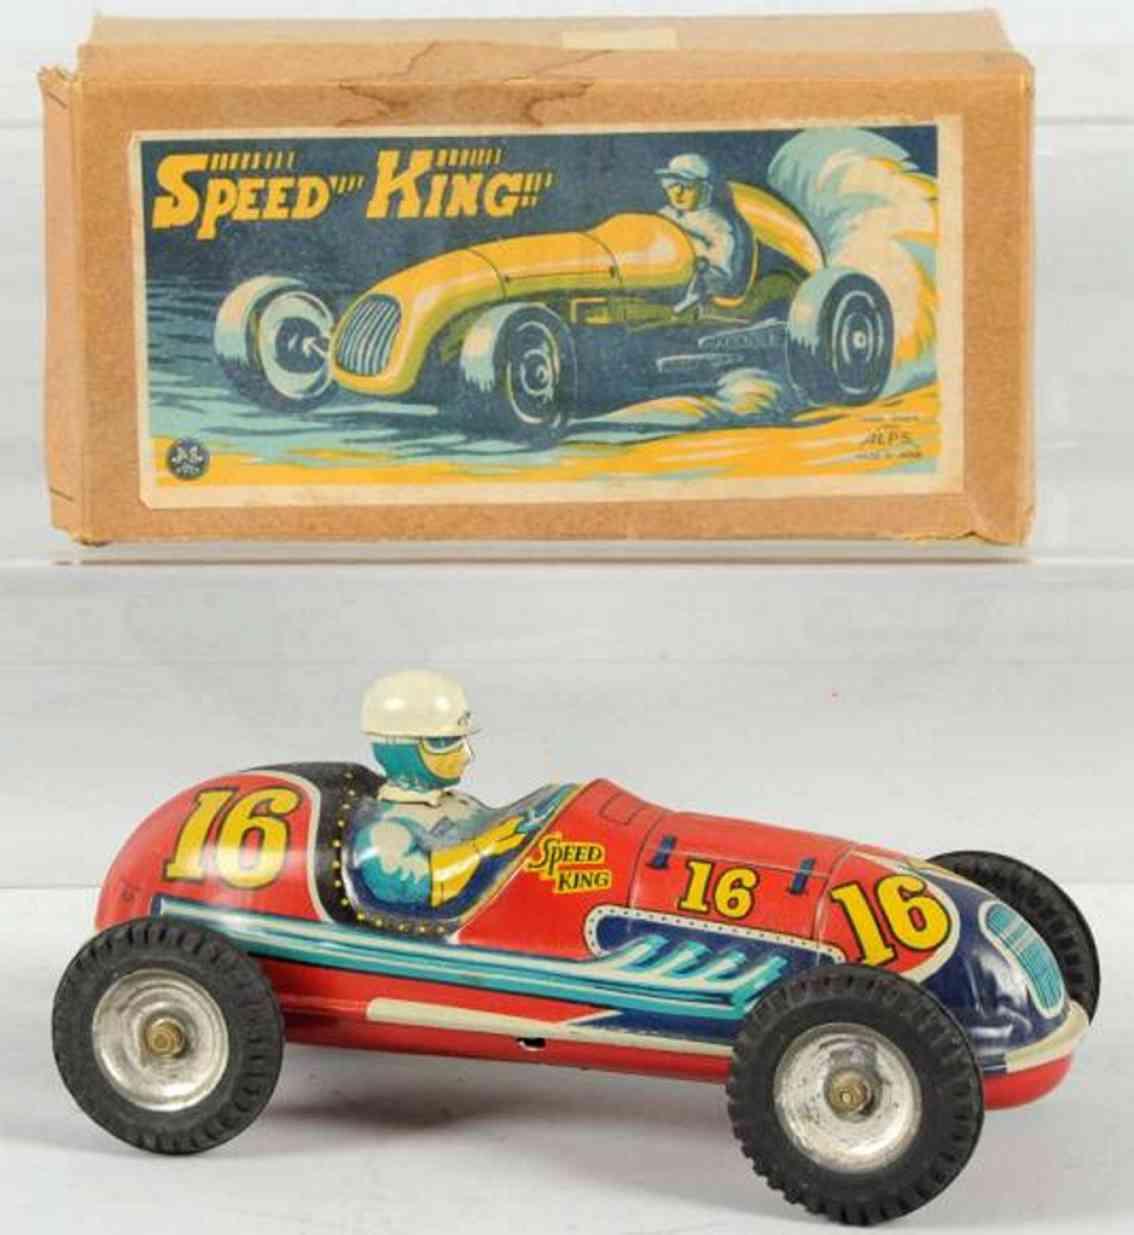 alps 16 blech spielzeug rennauto rennwagen speed king